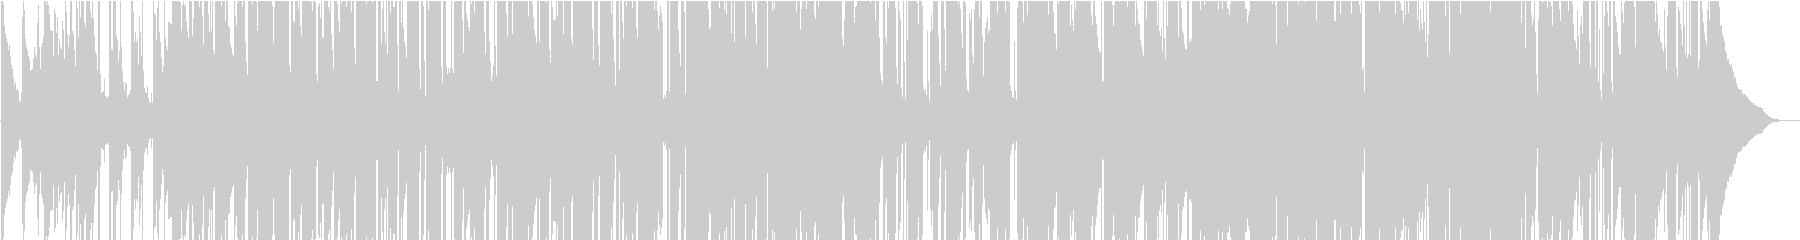 ピアノとサックスのアコースティック楽曲の未再生の波形